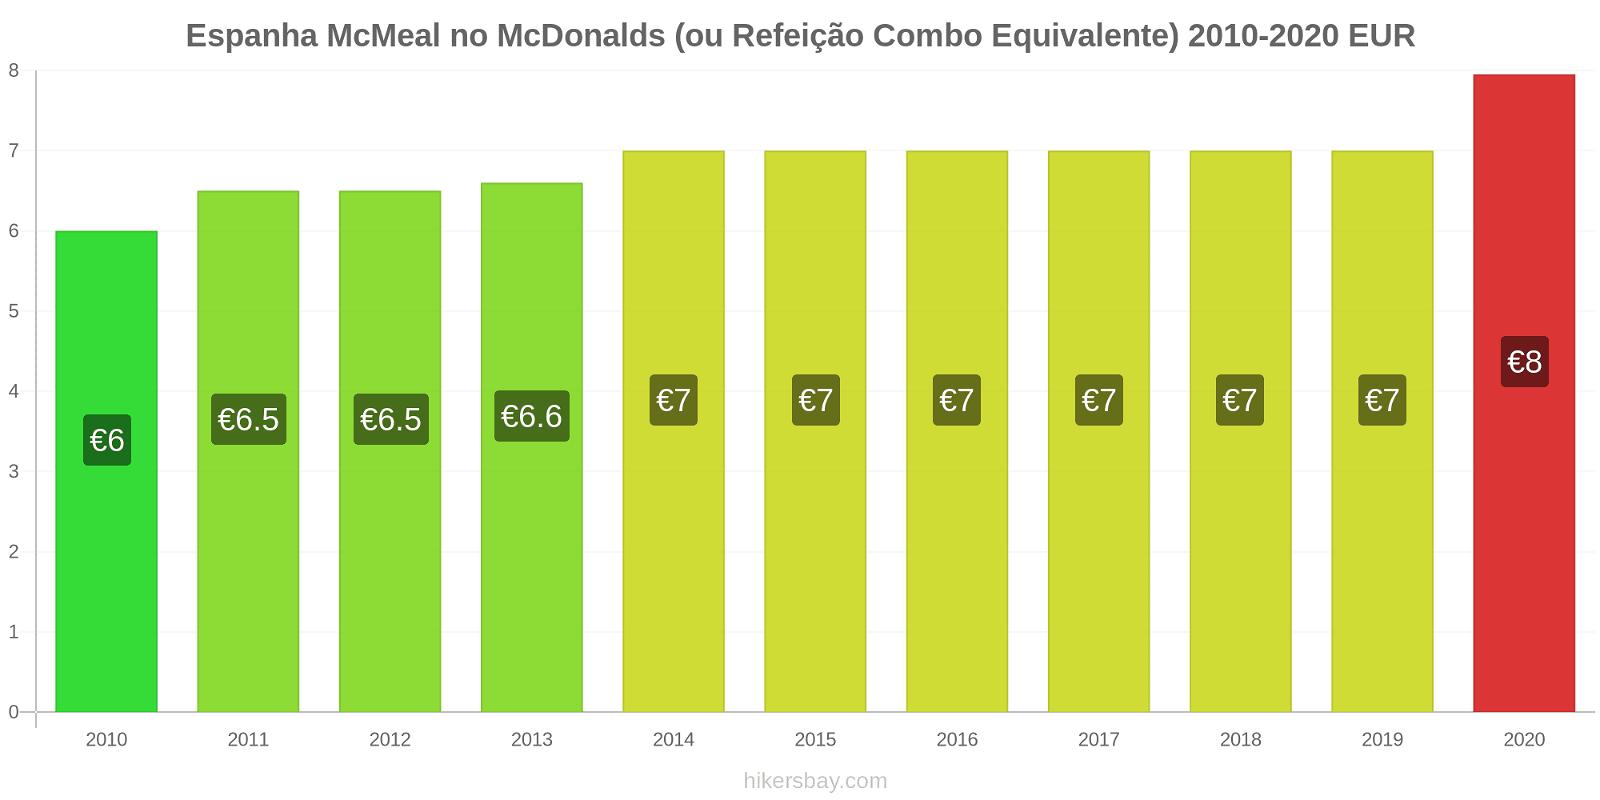 Espanha variação de preço McMeal no McDonald ' s (ou refeição Combo equivalente) hikersbay.com